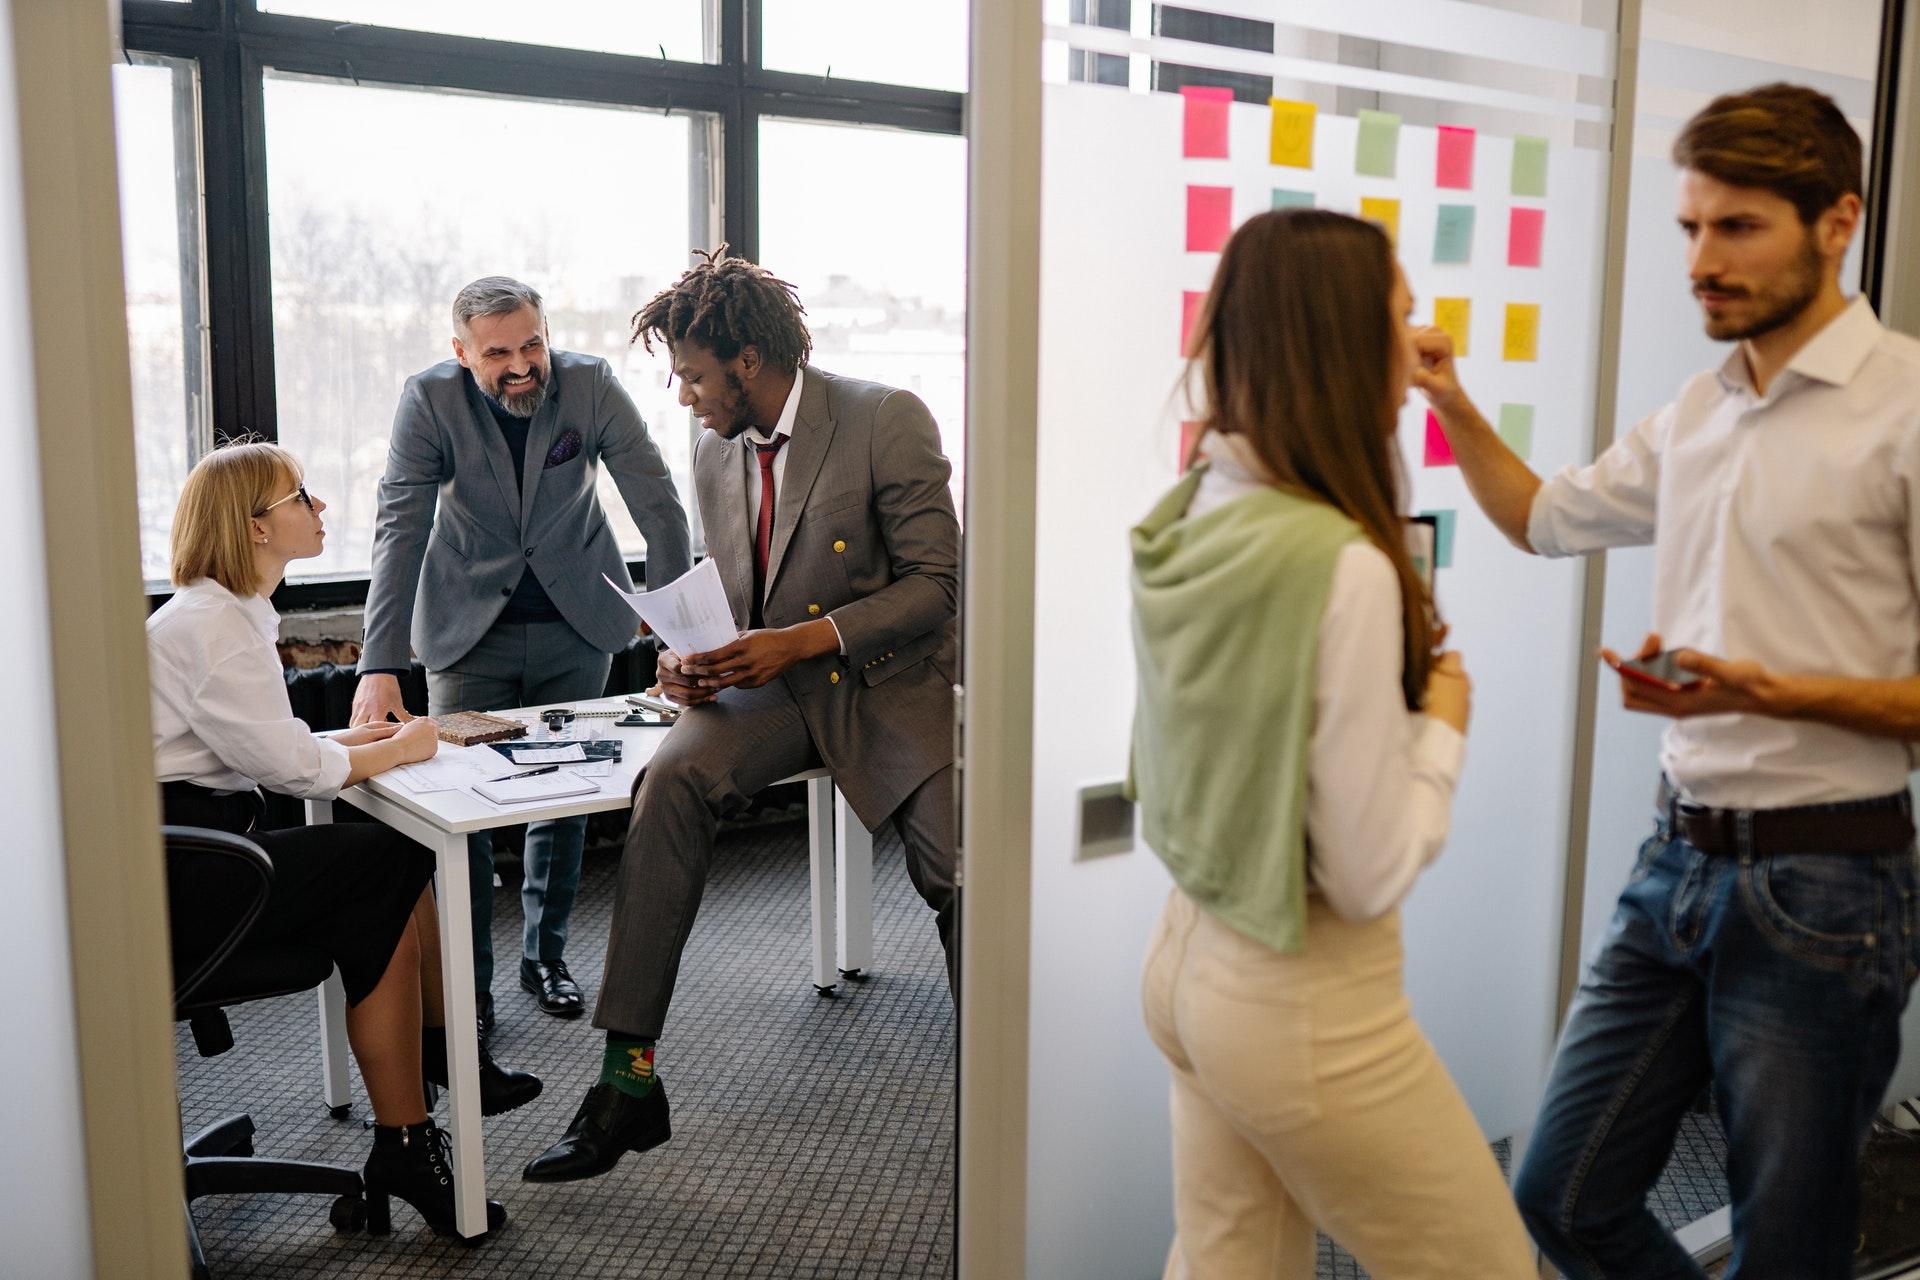 Imagem de pessoas em um escritório conversando. Imagem ilsutra